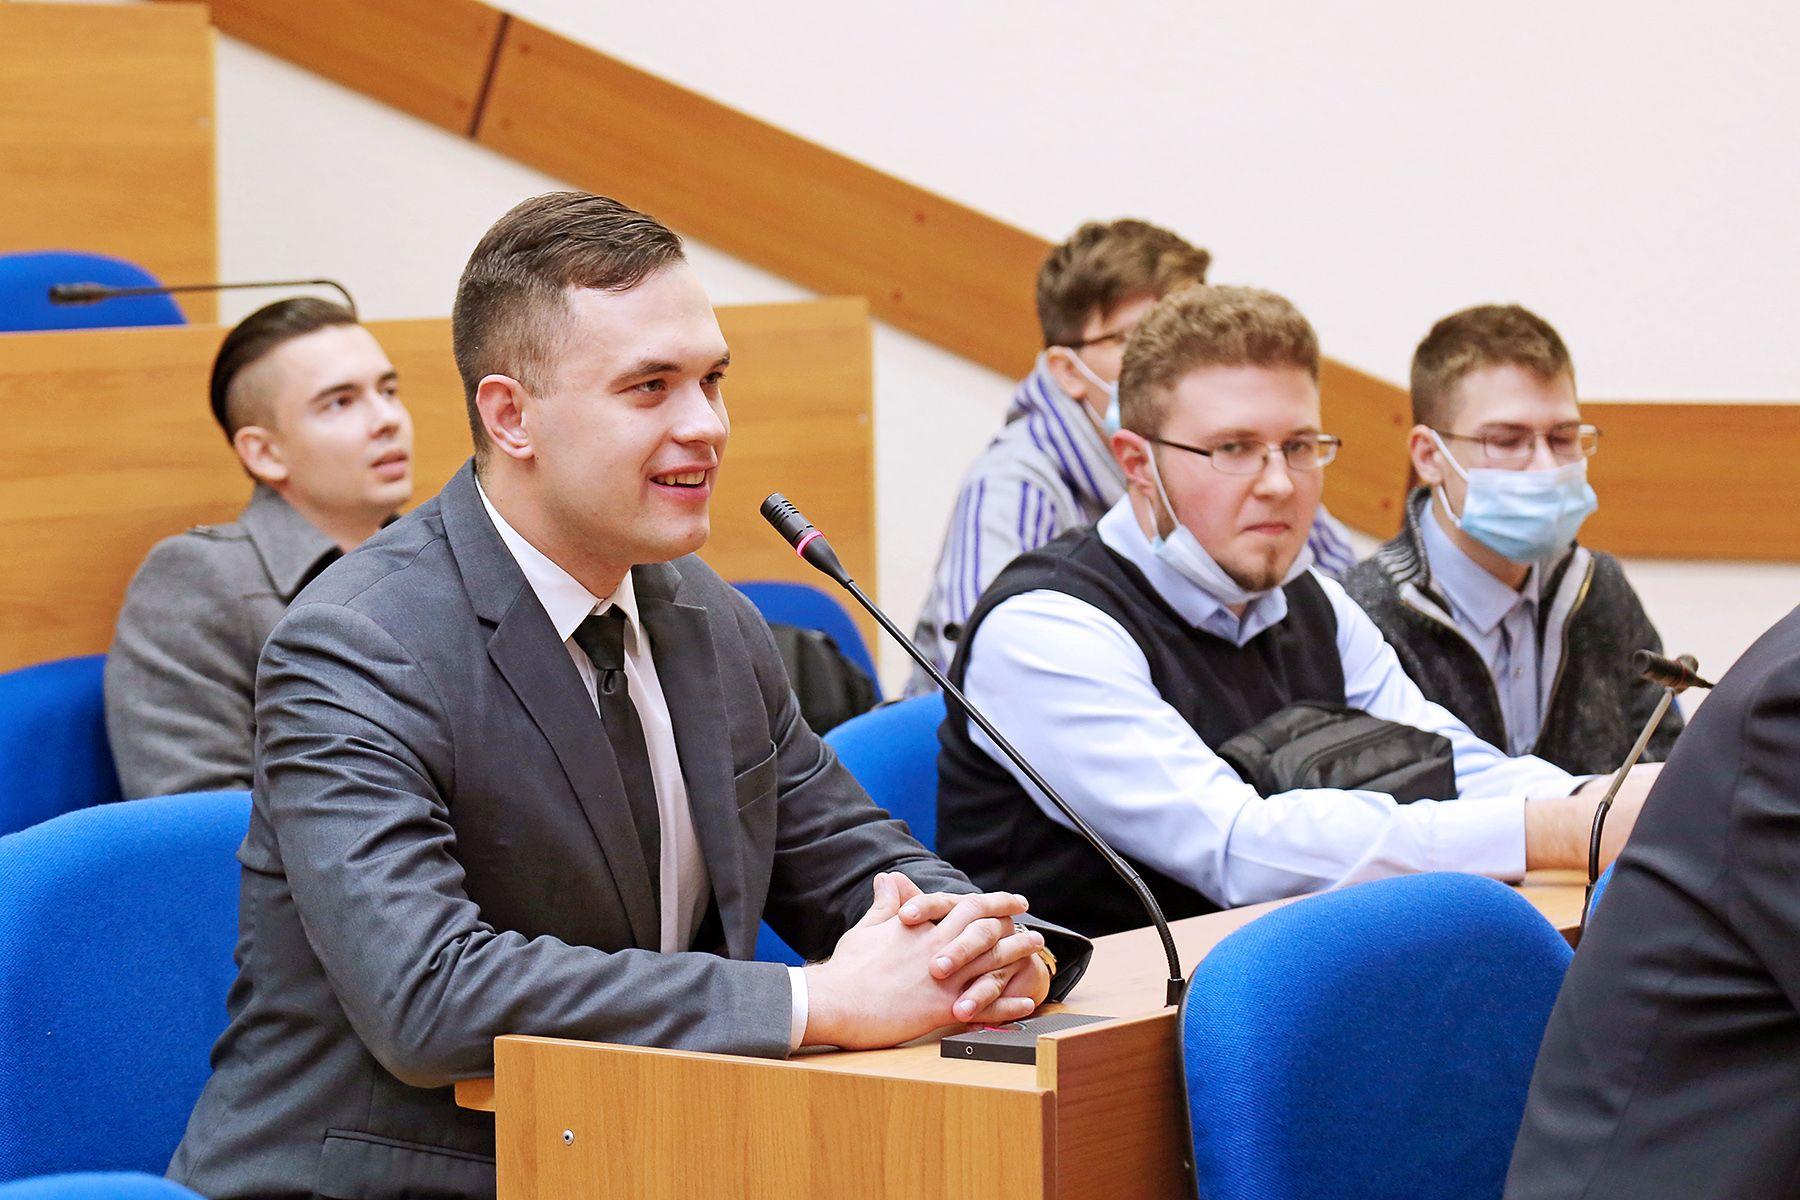 Внутренний диалог как основа психического здоровья личности: на конференции во ВГУЭС выступил выдающийся австрийский ученый Альфрид Лэнгле